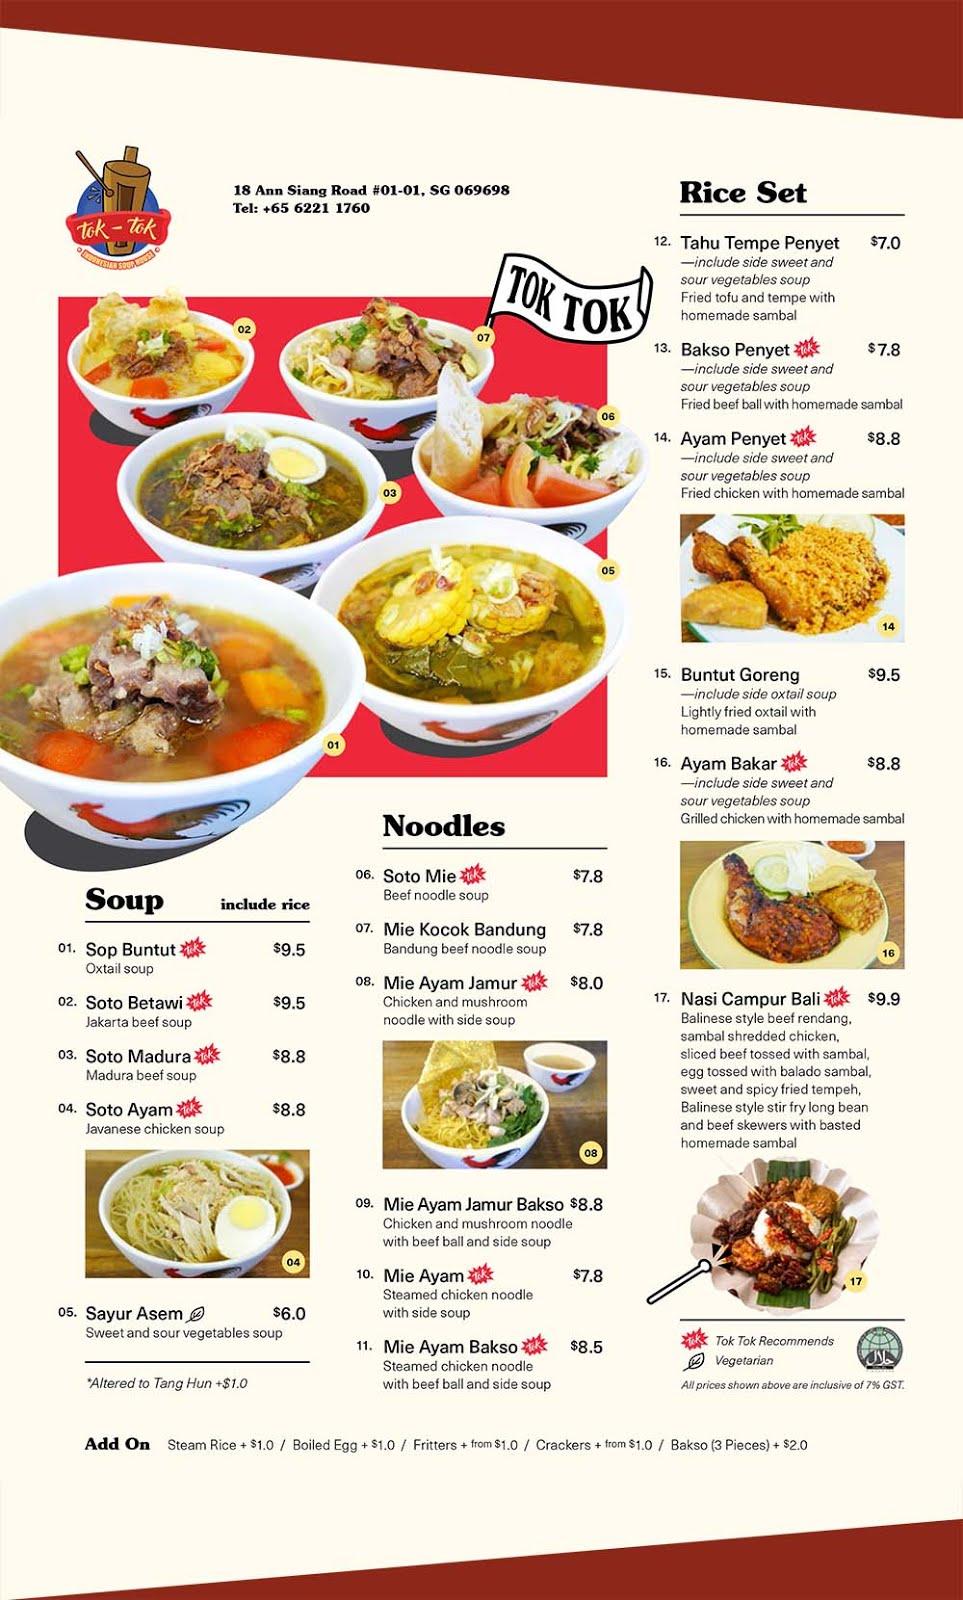 Nyobain Tok-Tok, Tempat Makan Halal di Singapura, makanan murah di singapore 2019  list of halal restaurants in singapore  tempat makan dekat merlion park  harga makanan di singapore 2019  makan murah di marina bay sands  makanan halal di geylang singapore  kuliner singapore non halal  halal singapura